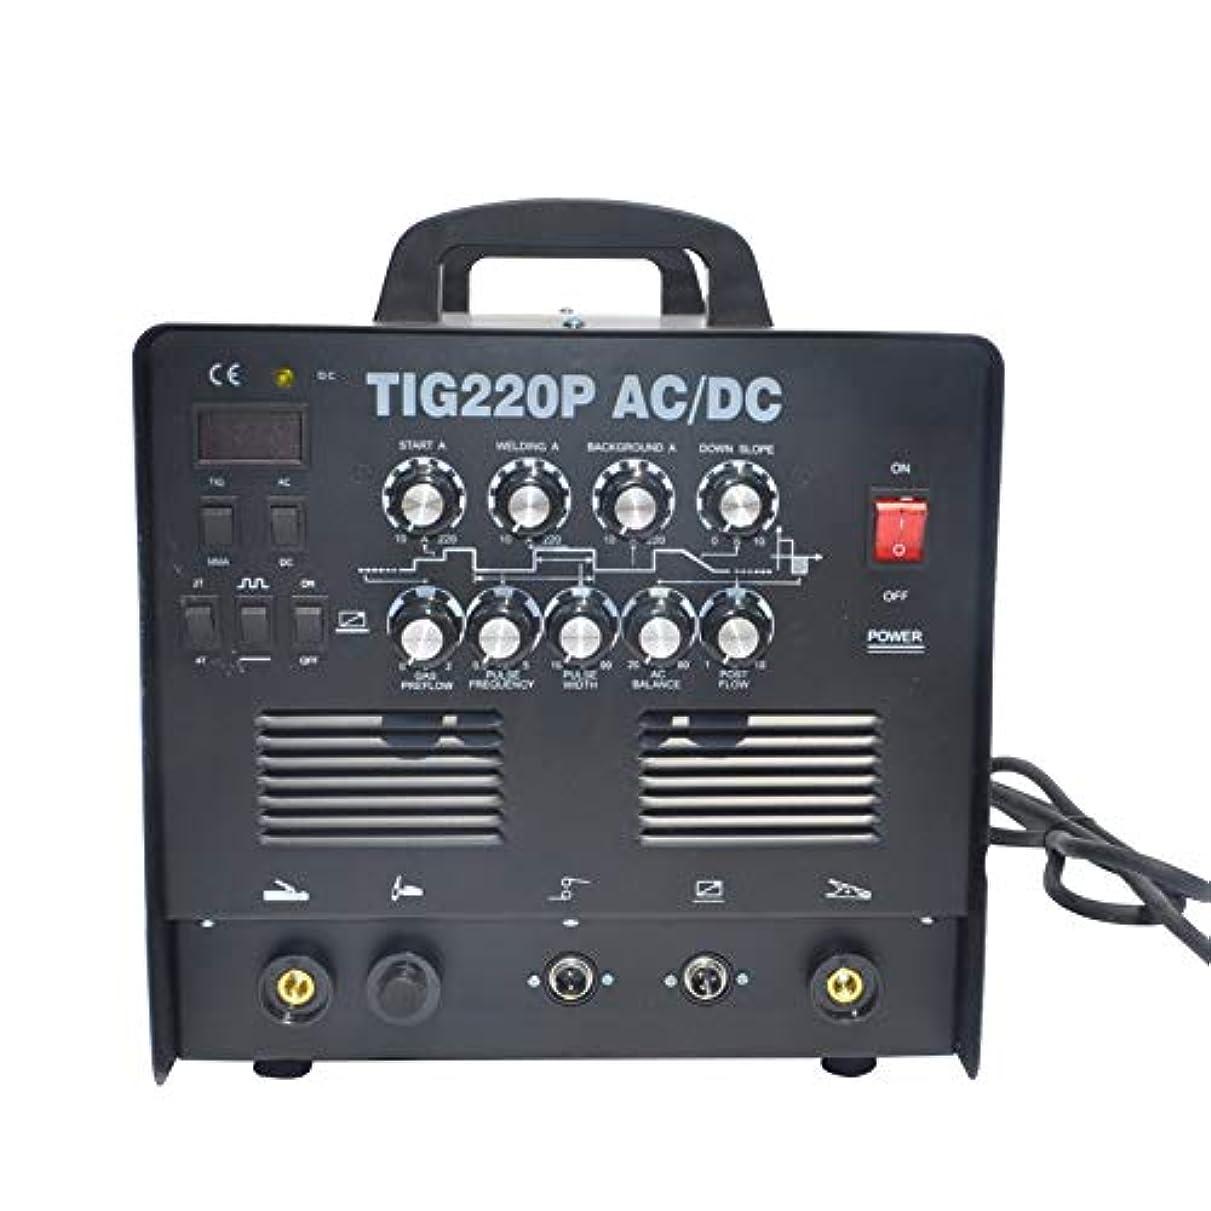 荒涼とした敬の念資料TIG220P インバーターTIG溶接機 単相200V 交流/直流 パルス溶接 アルミOK! 高機能本格モデル 半年保証付き!